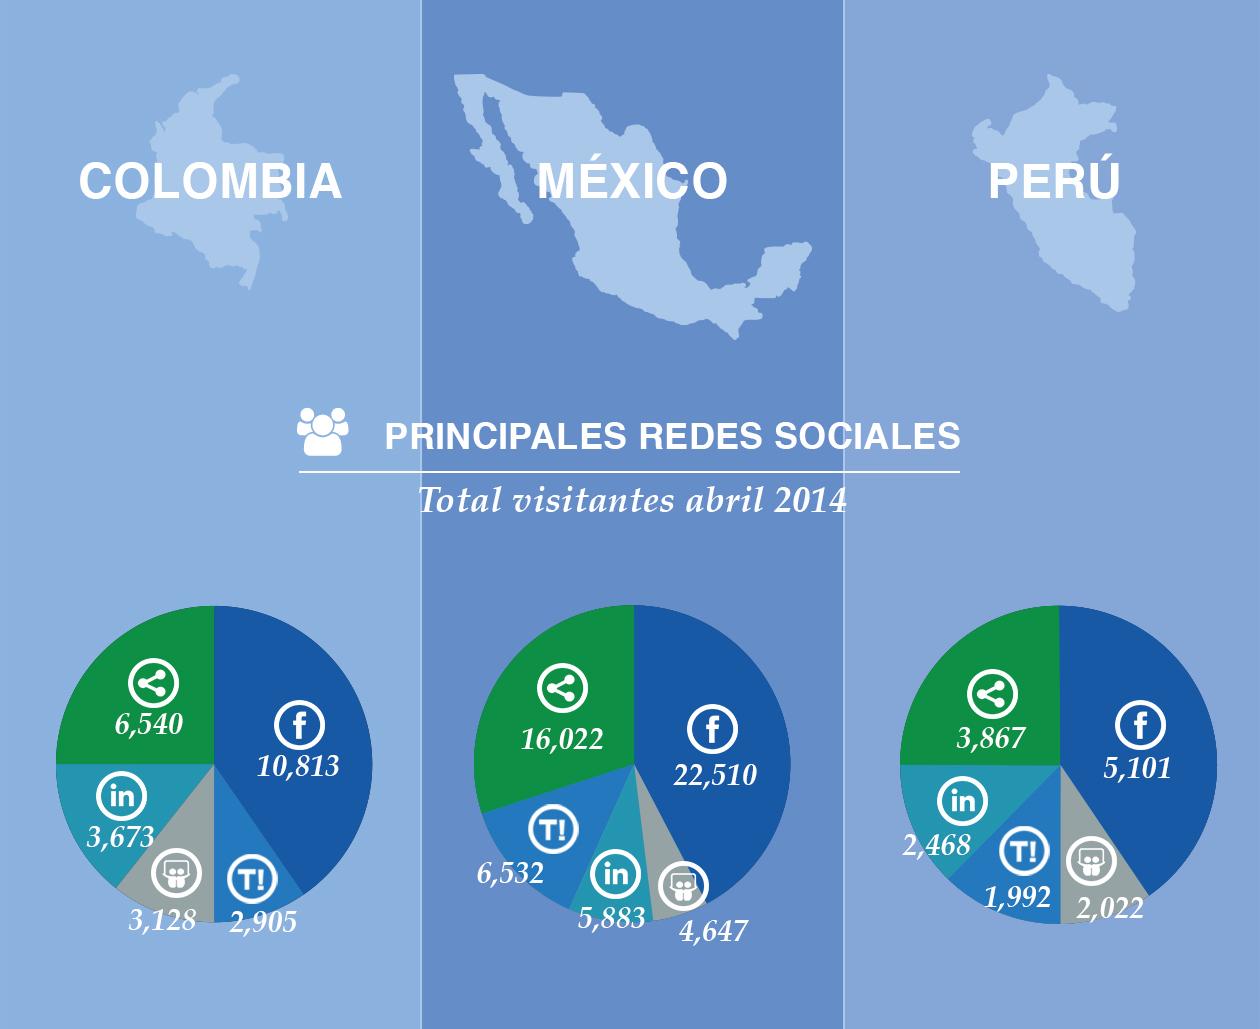 La relevancia de las redes sociales en Latinoamérica explicada en cifras